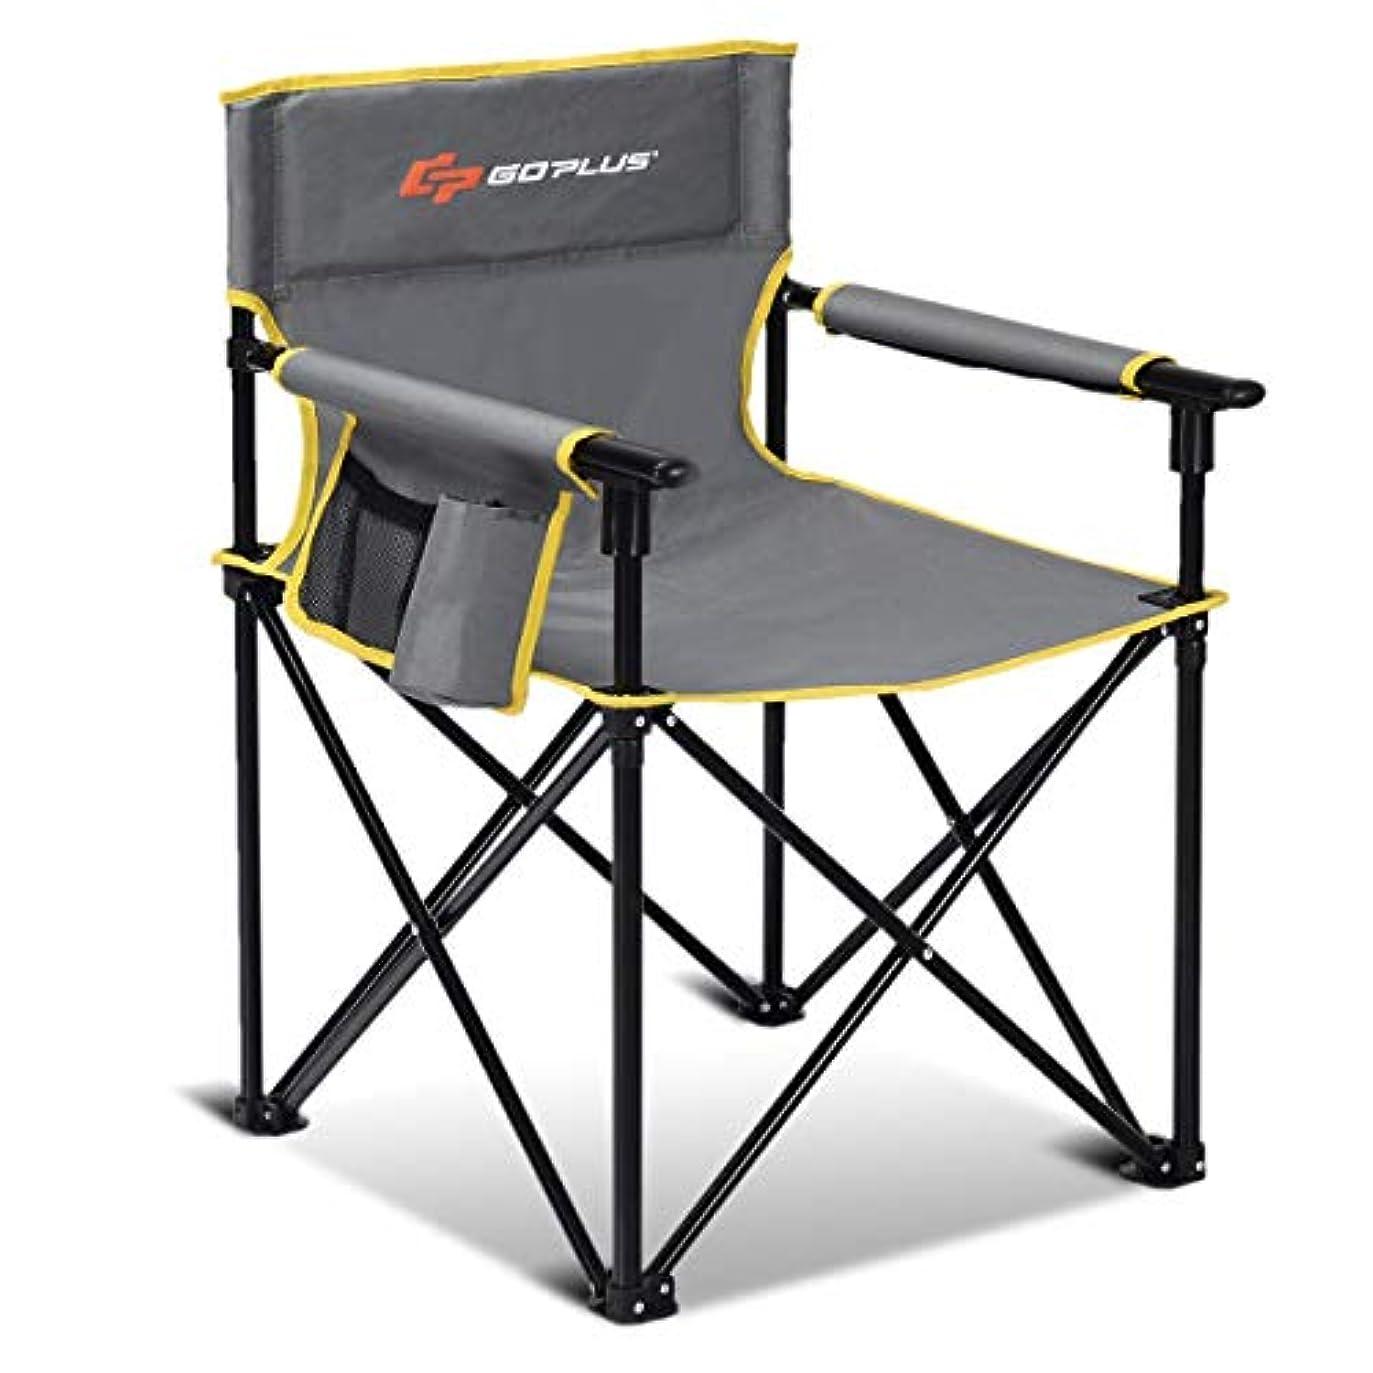 元気なかなりのリハーサルGoplus 折りたたみキャンプチェア ポータブルスポーツチェア 収納ポーチ付き アウトドア用キャリーバッグ 300ポンドサポート グレー